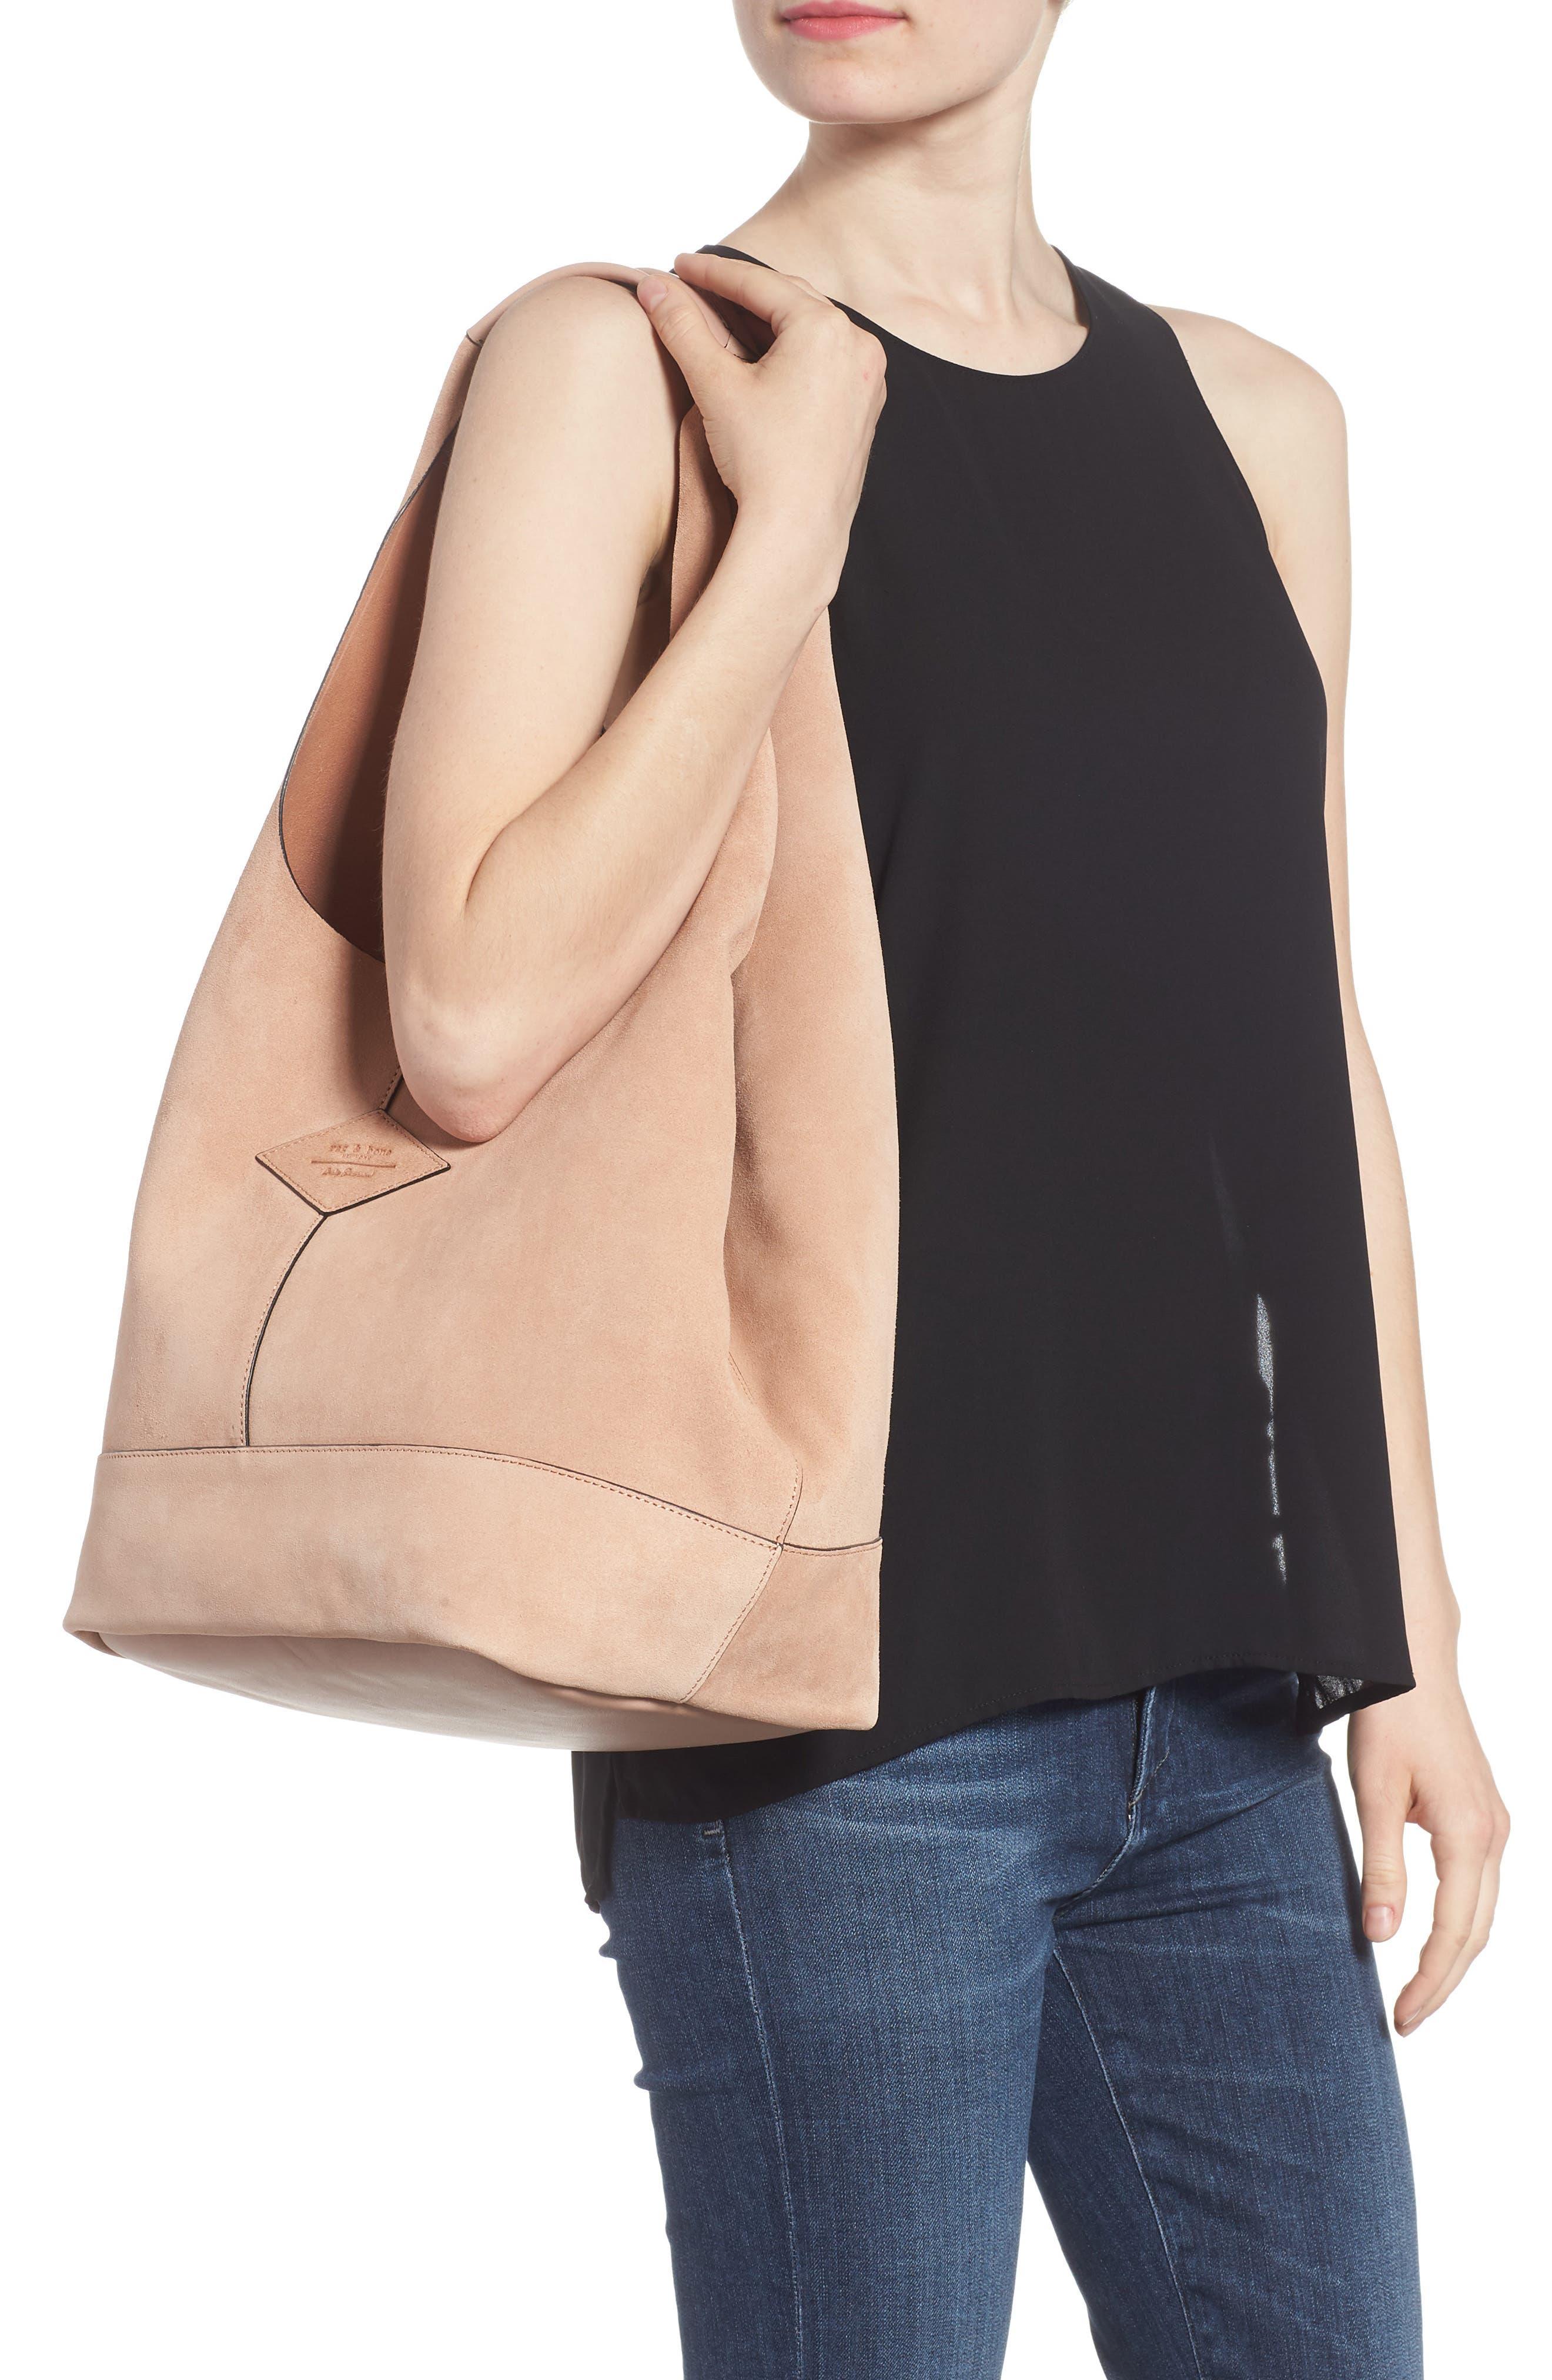 Camden Shopper Bag,                             Alternate thumbnail 2, color,                             NUDE SUEDE